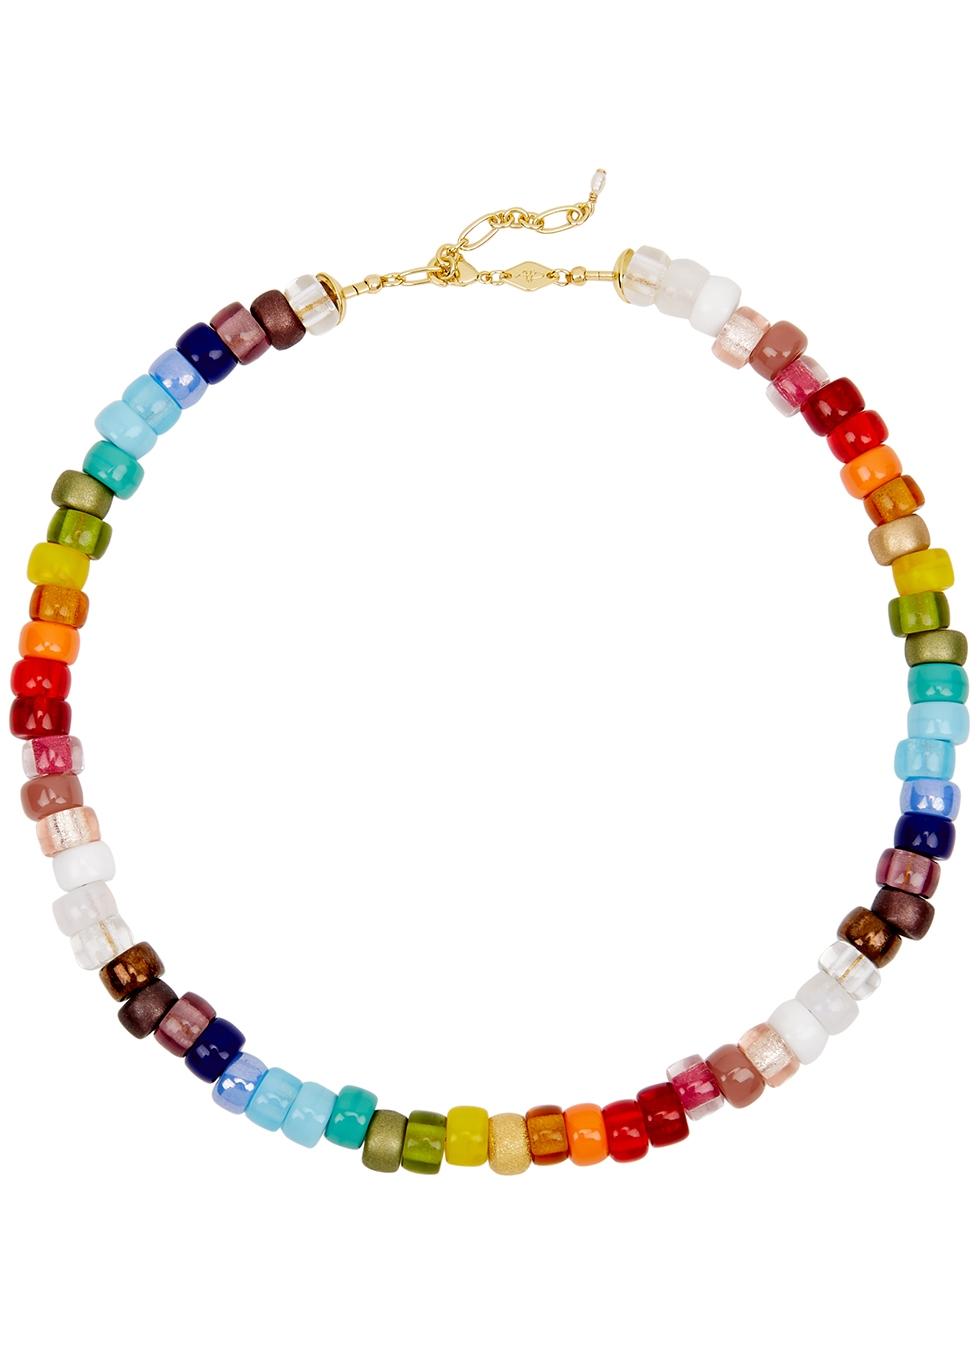 Big Nuanua beaded necklace